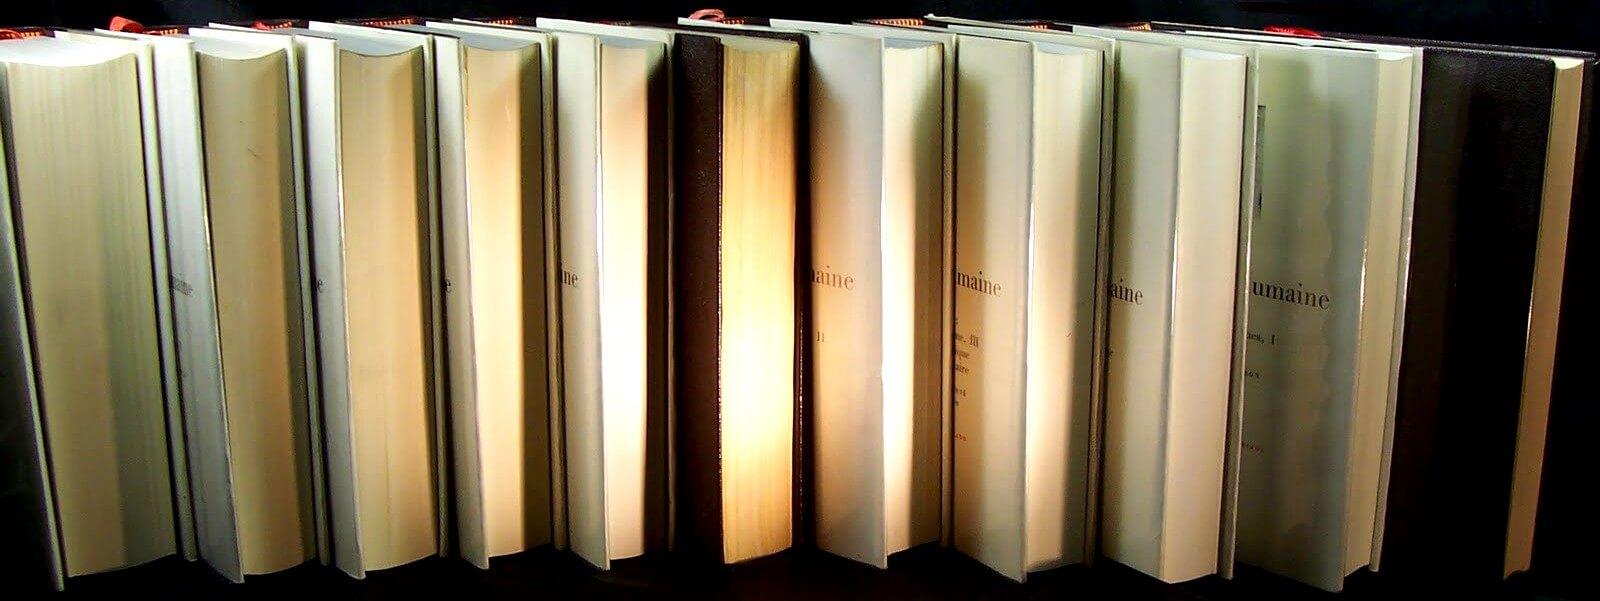 Vertaling Balzac. Voorwoord Comédie Humaine.De menselijke comedie, voorwoord, Honoré de Balzac, 94 romans, realistisme XVIIIe eeuw, VertalingenVivienne